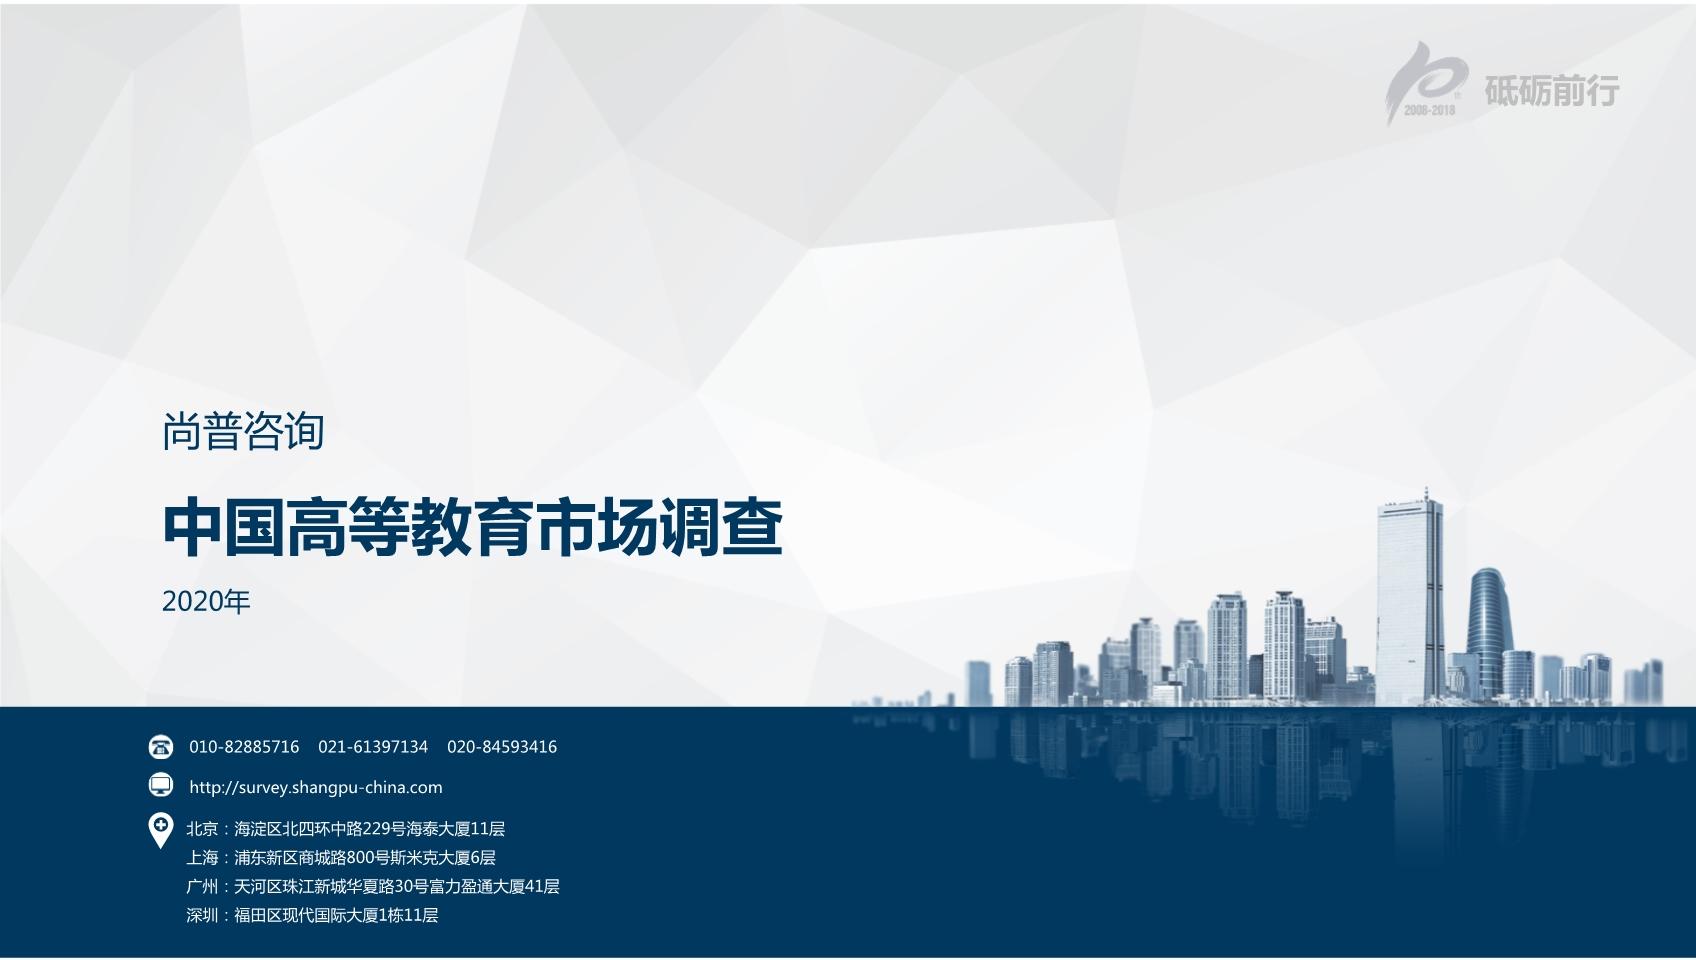 尚普咨询:2020年中国高等教育市场调查